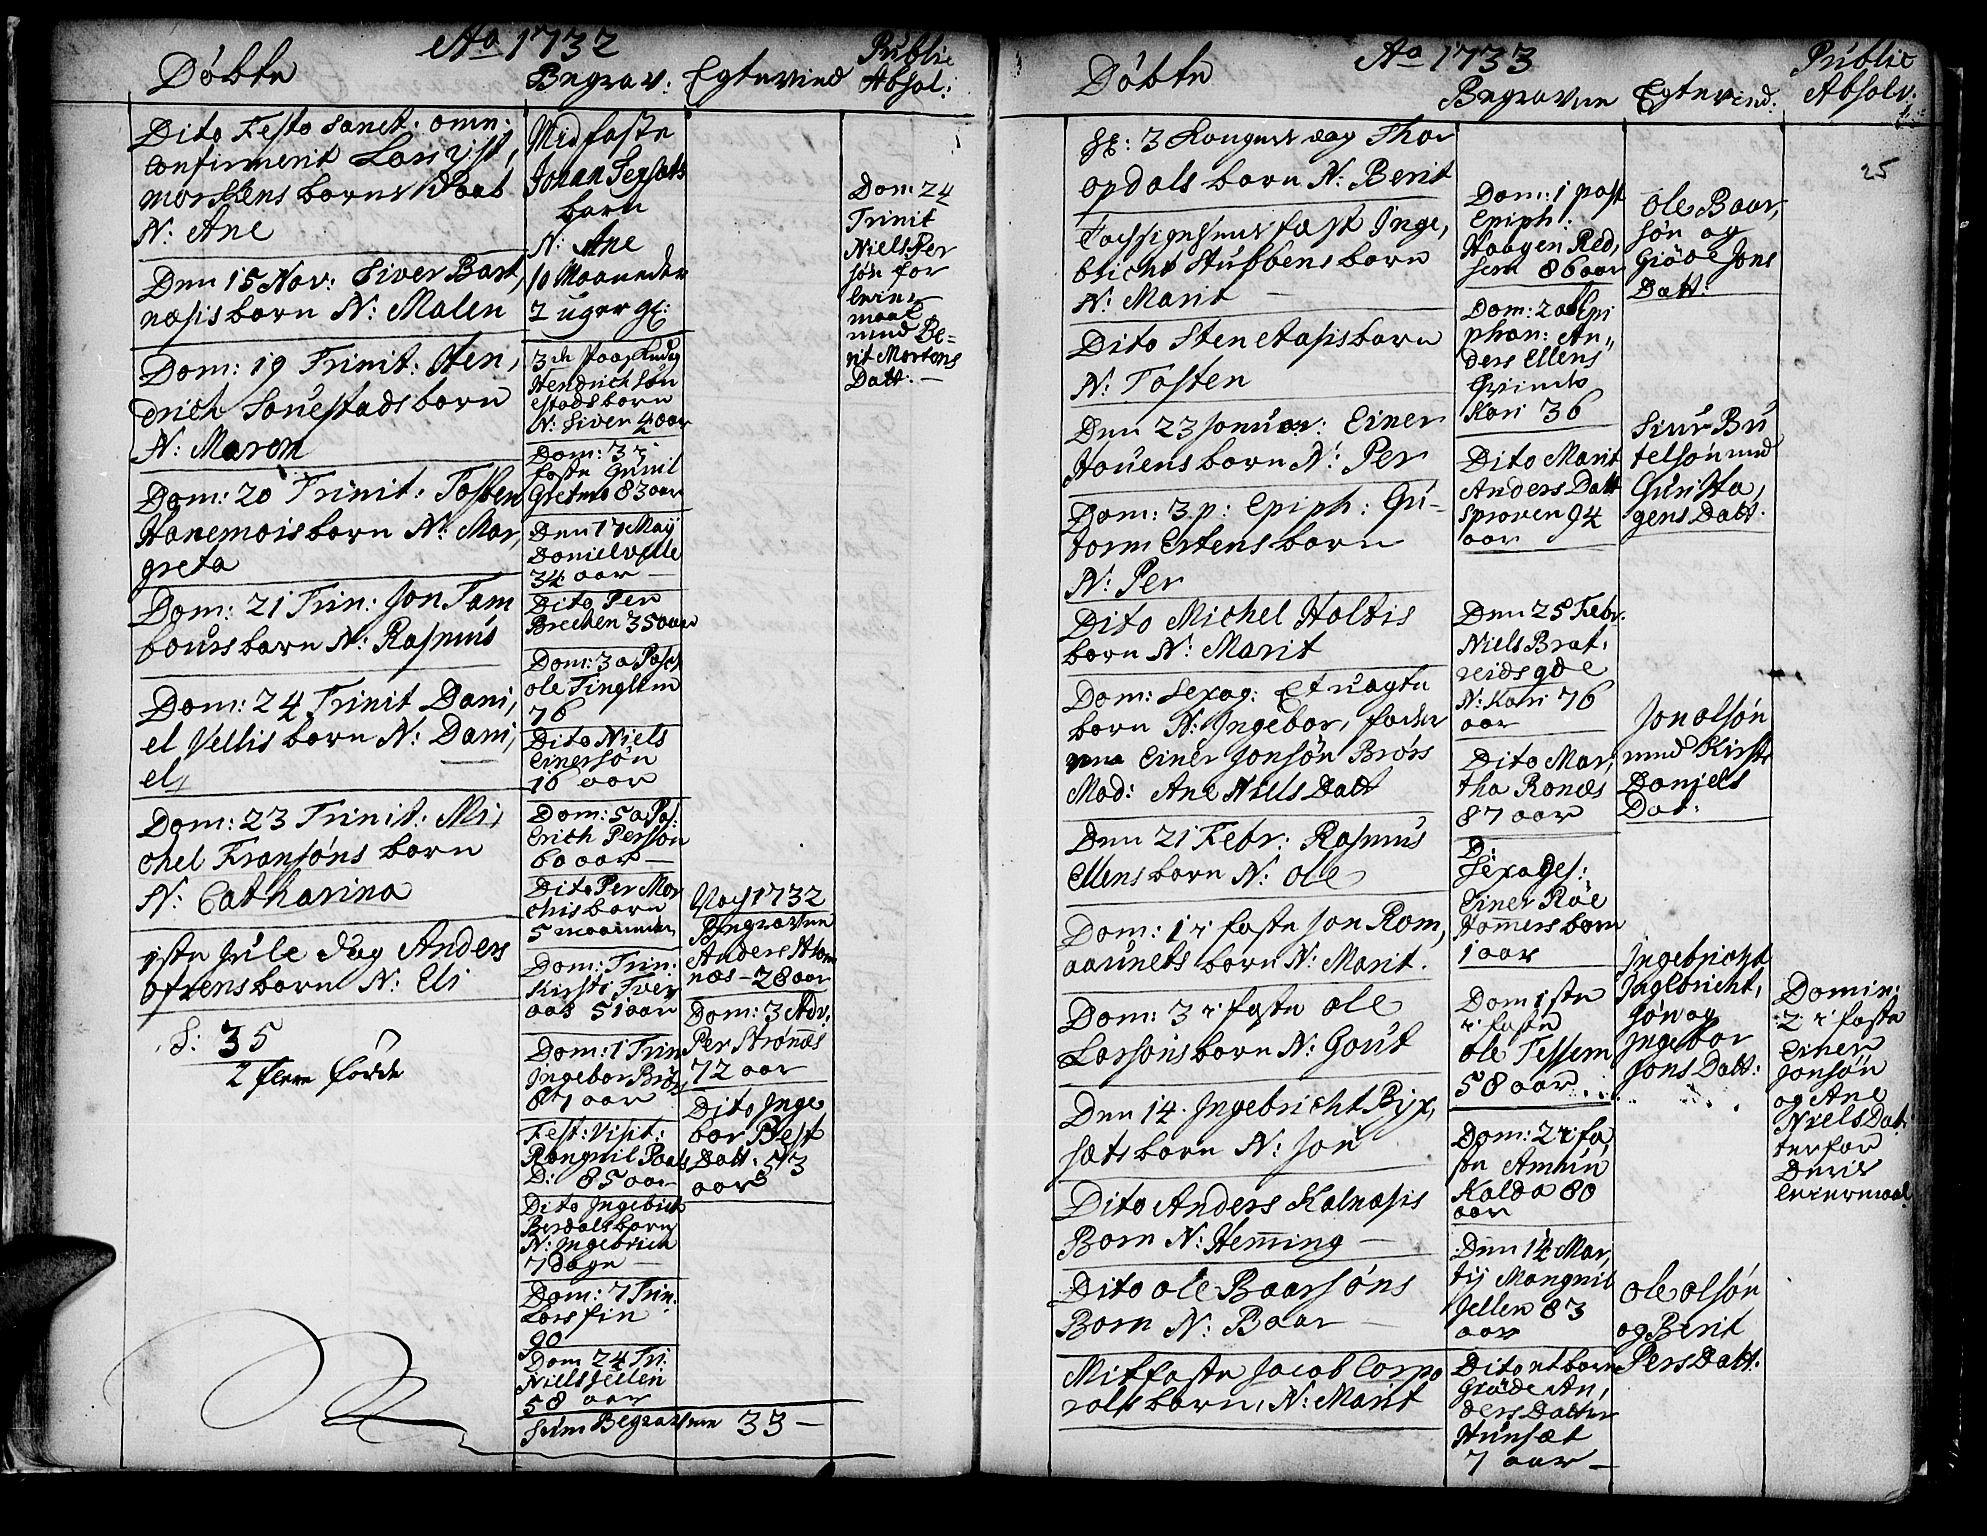 SAT, Ministerialprotokoller, klokkerbøker og fødselsregistre - Nord-Trøndelag, 741/L0385: Ministerialbok nr. 741A01, 1722-1815, s. 25